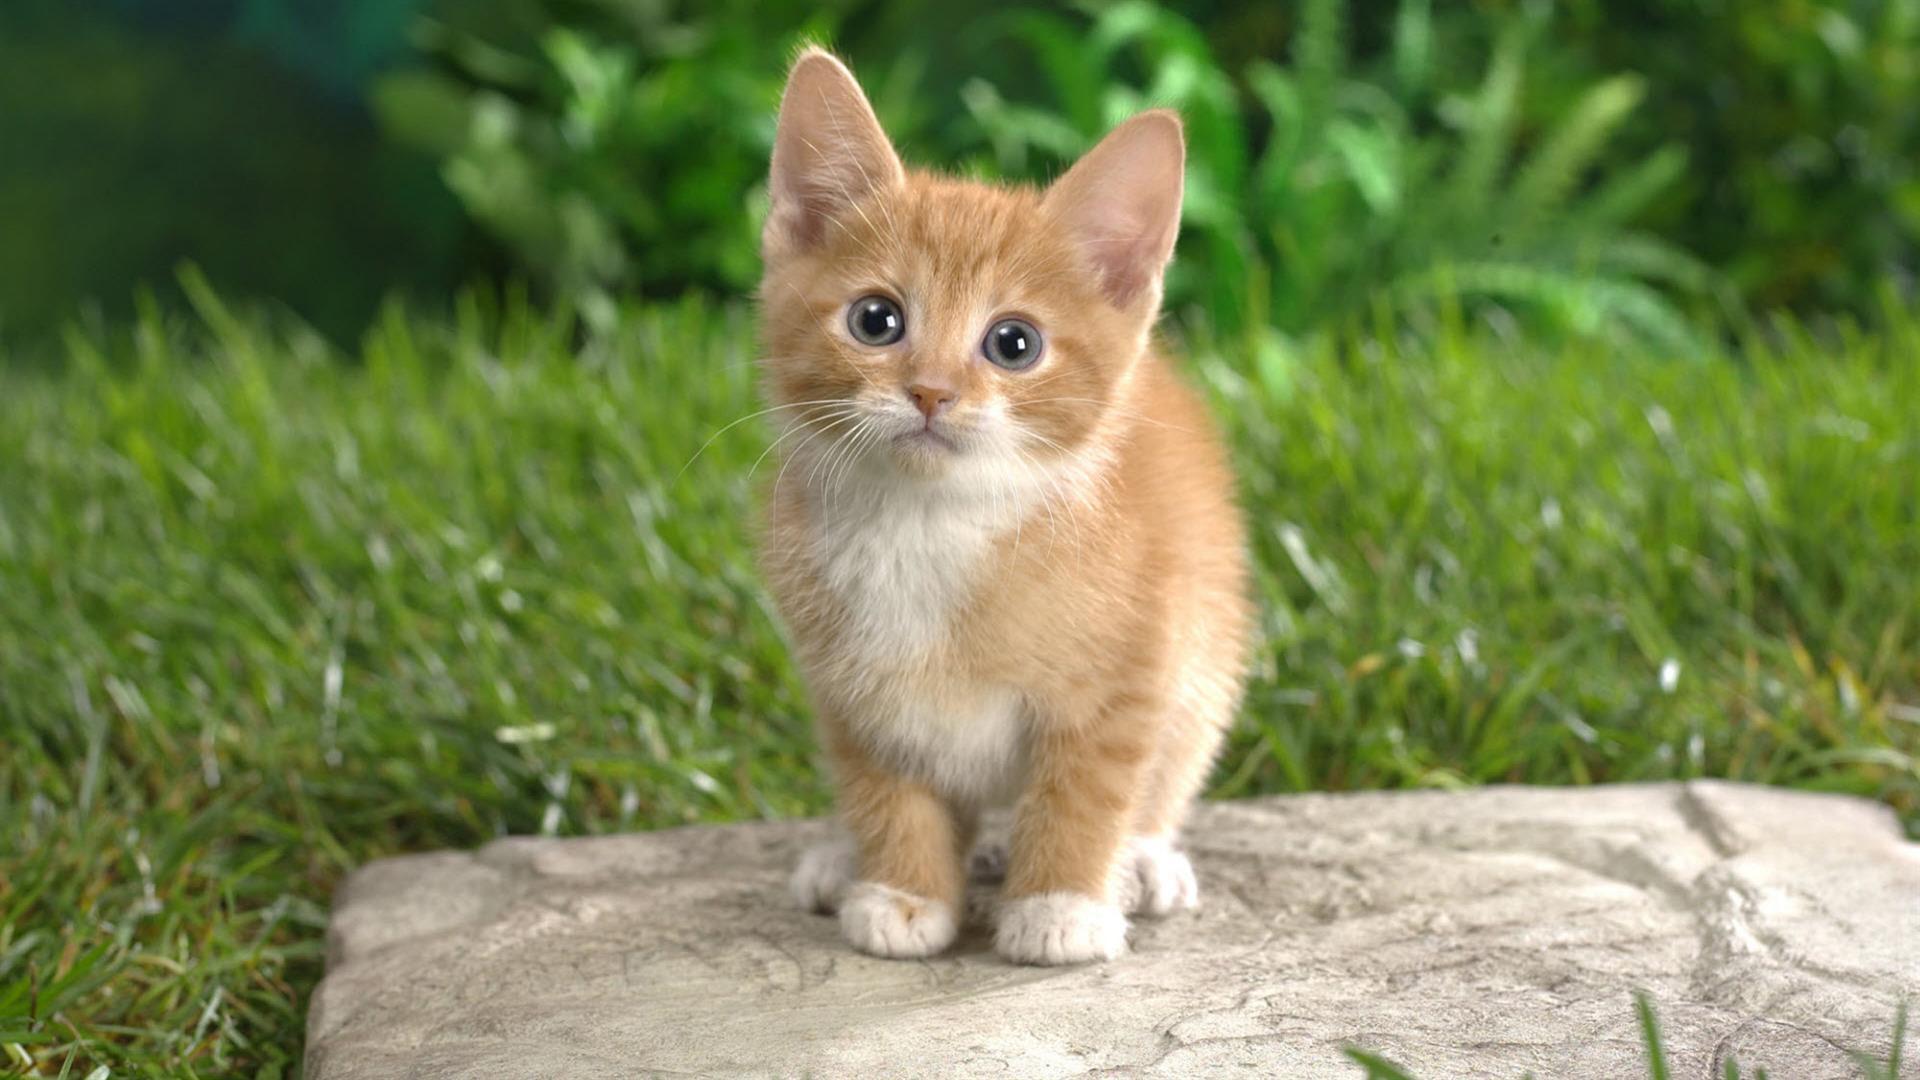 happy kittens #19